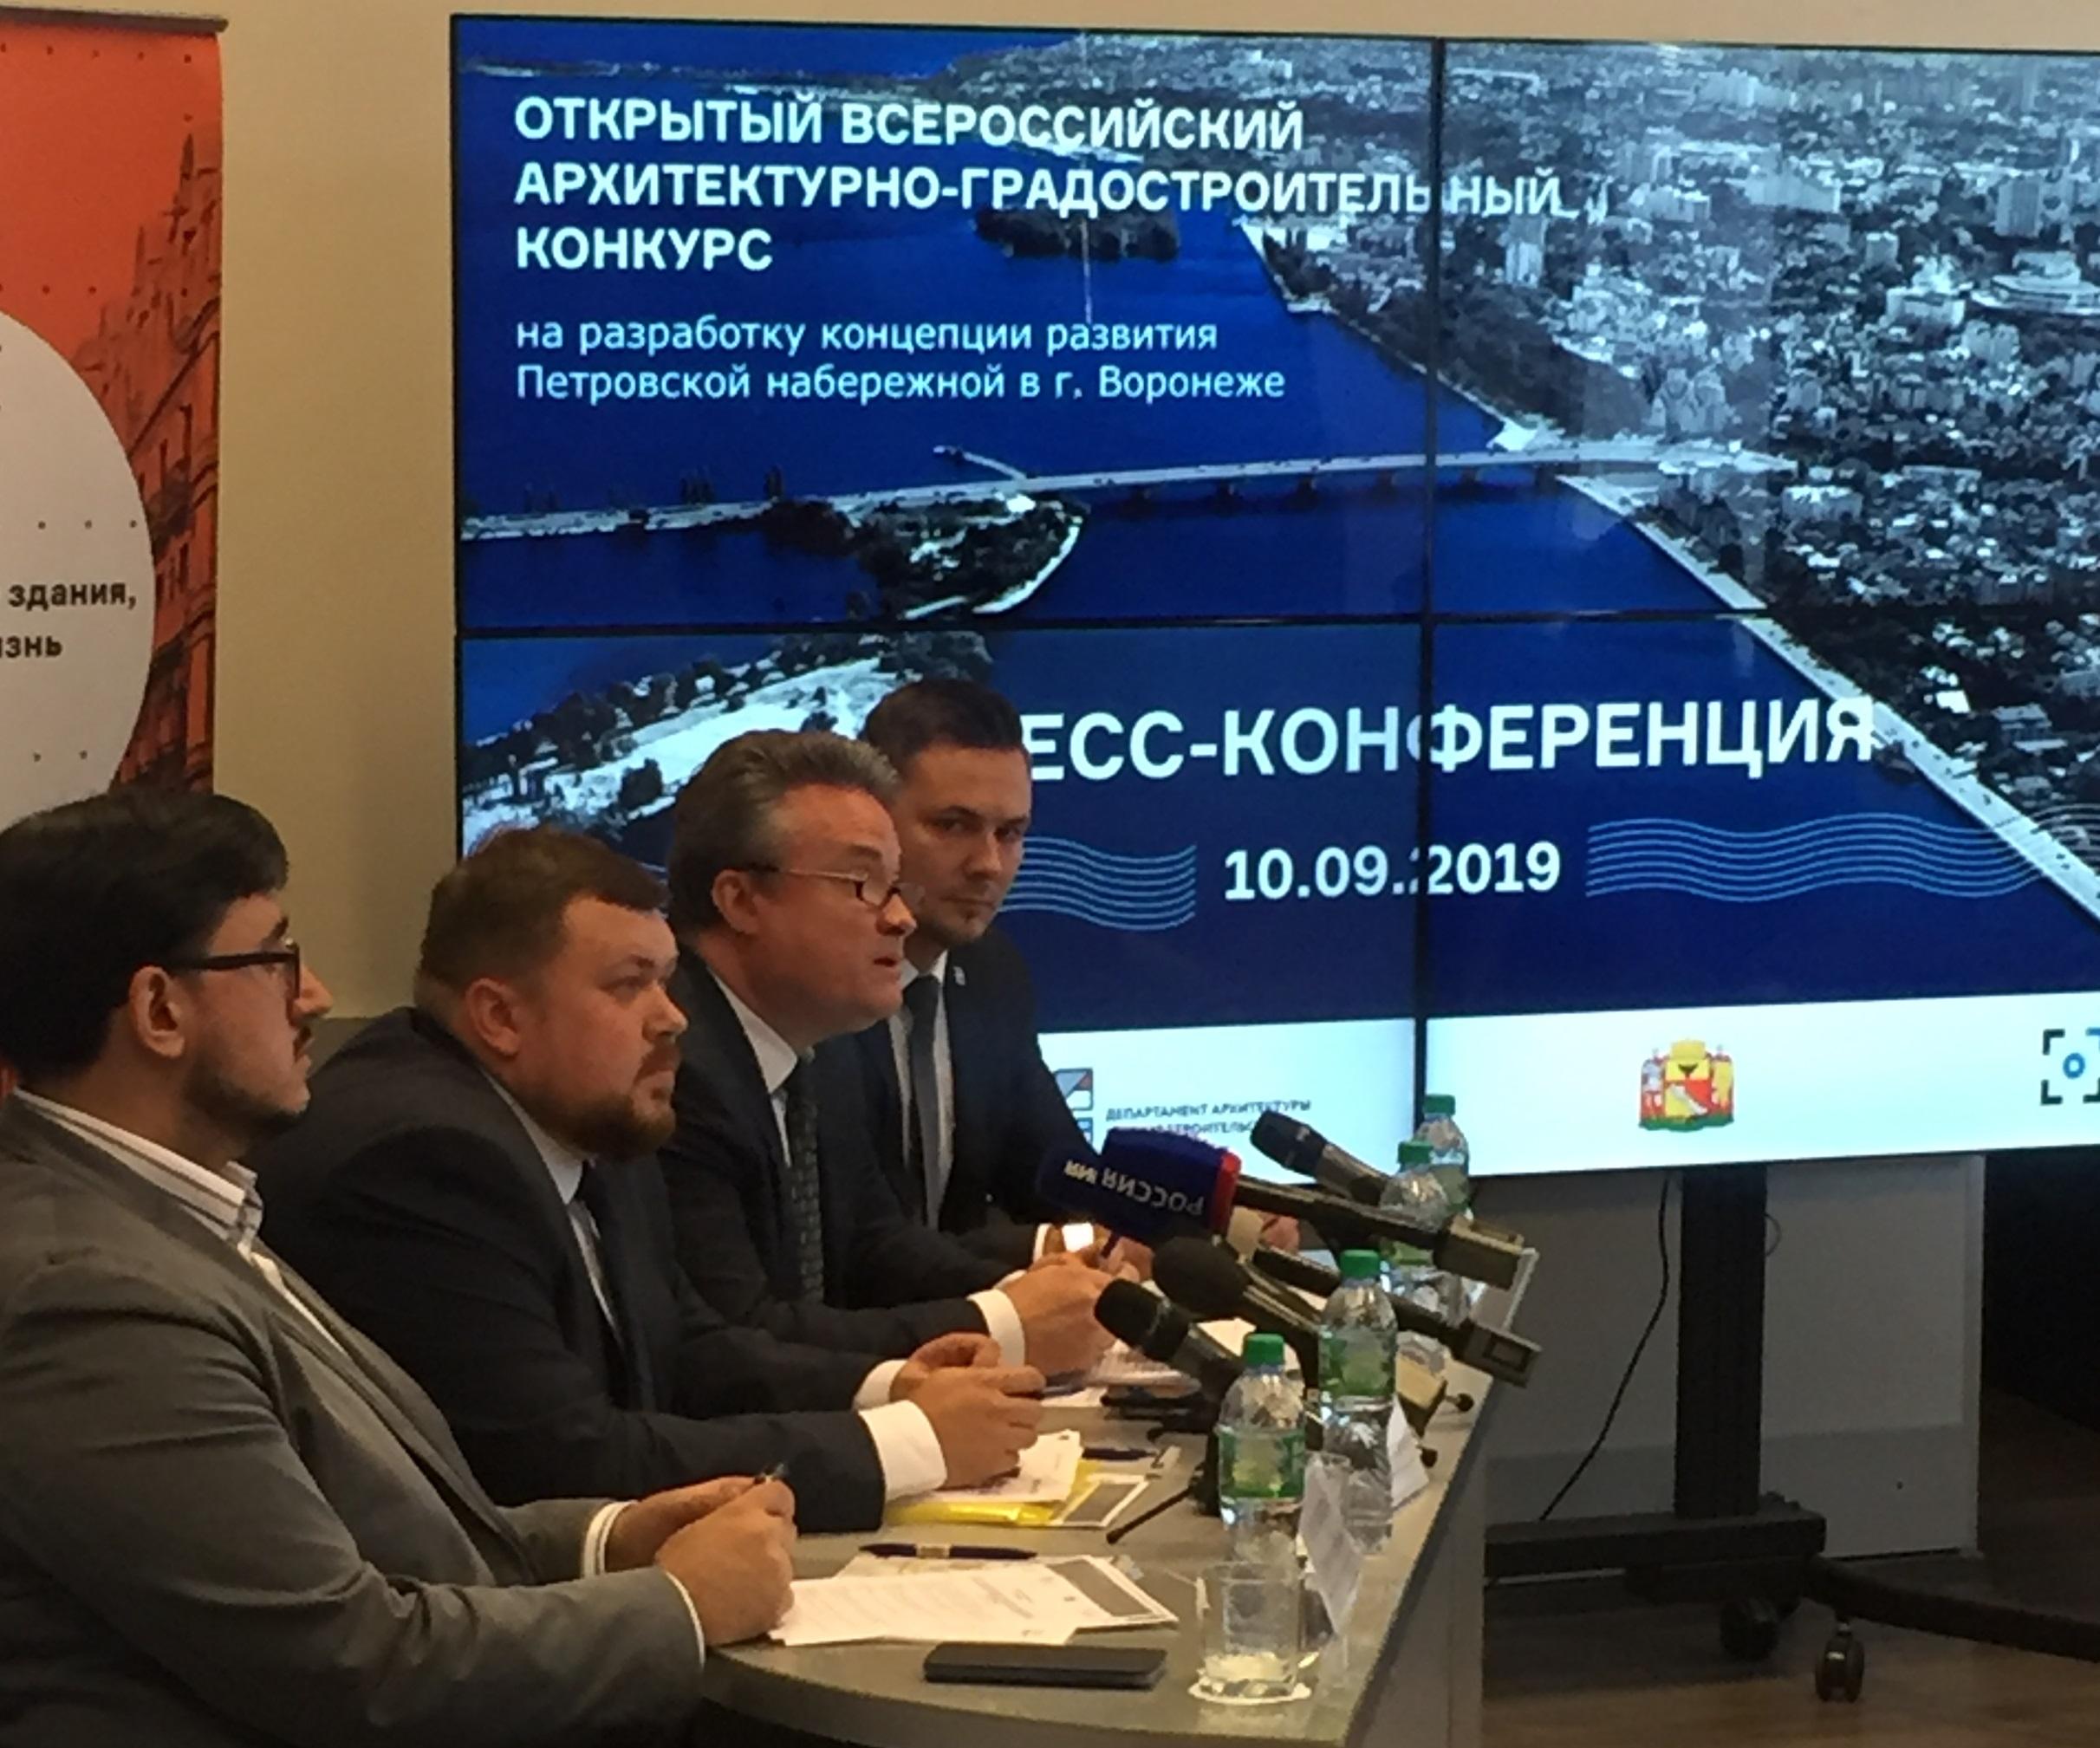 Петровская набережная станет одним из главных общественных пространств Воронежа